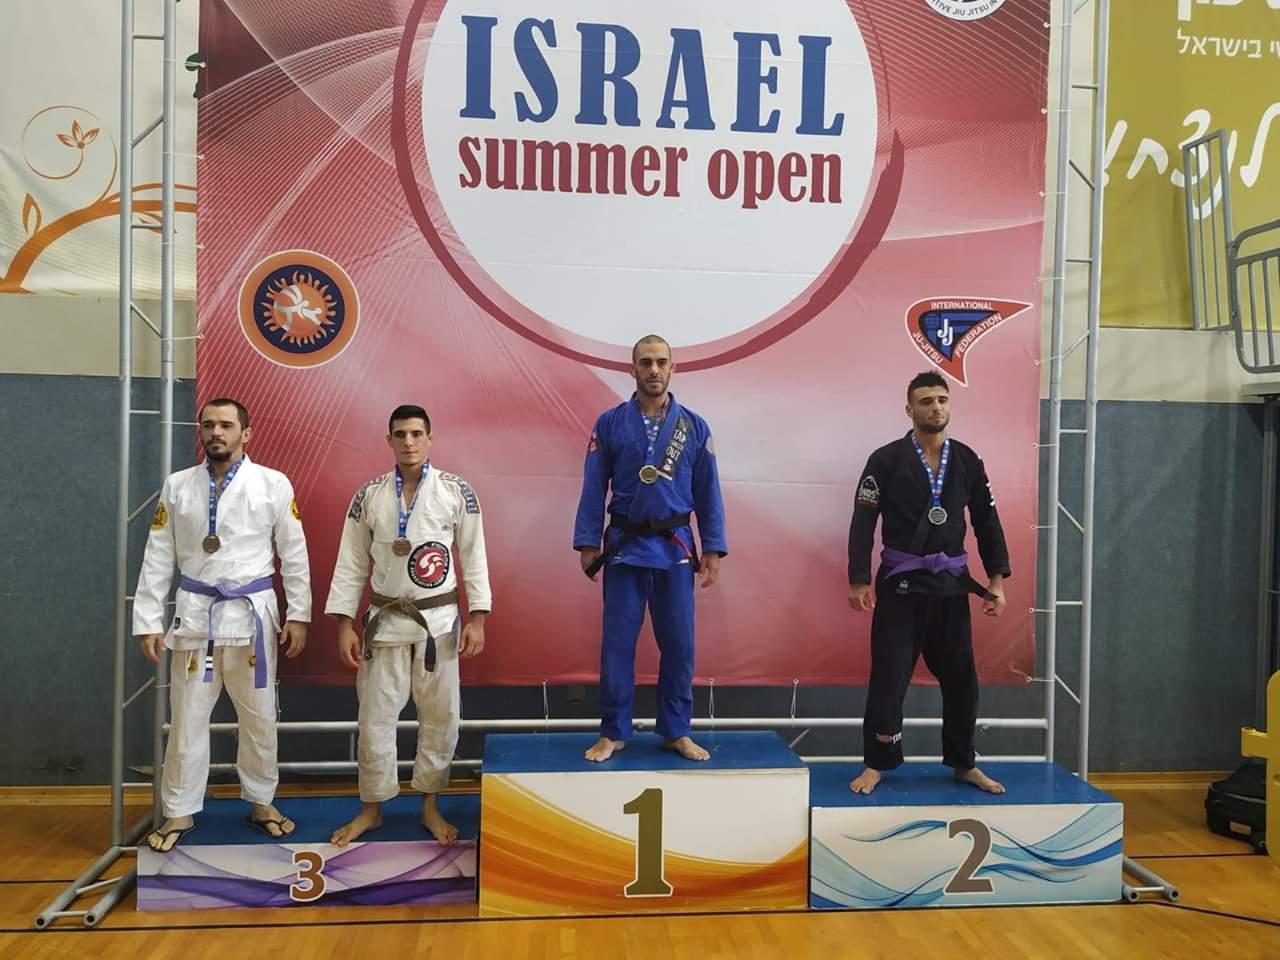 אליפות ישראל בג'יו ג'יטסו ברזילאי